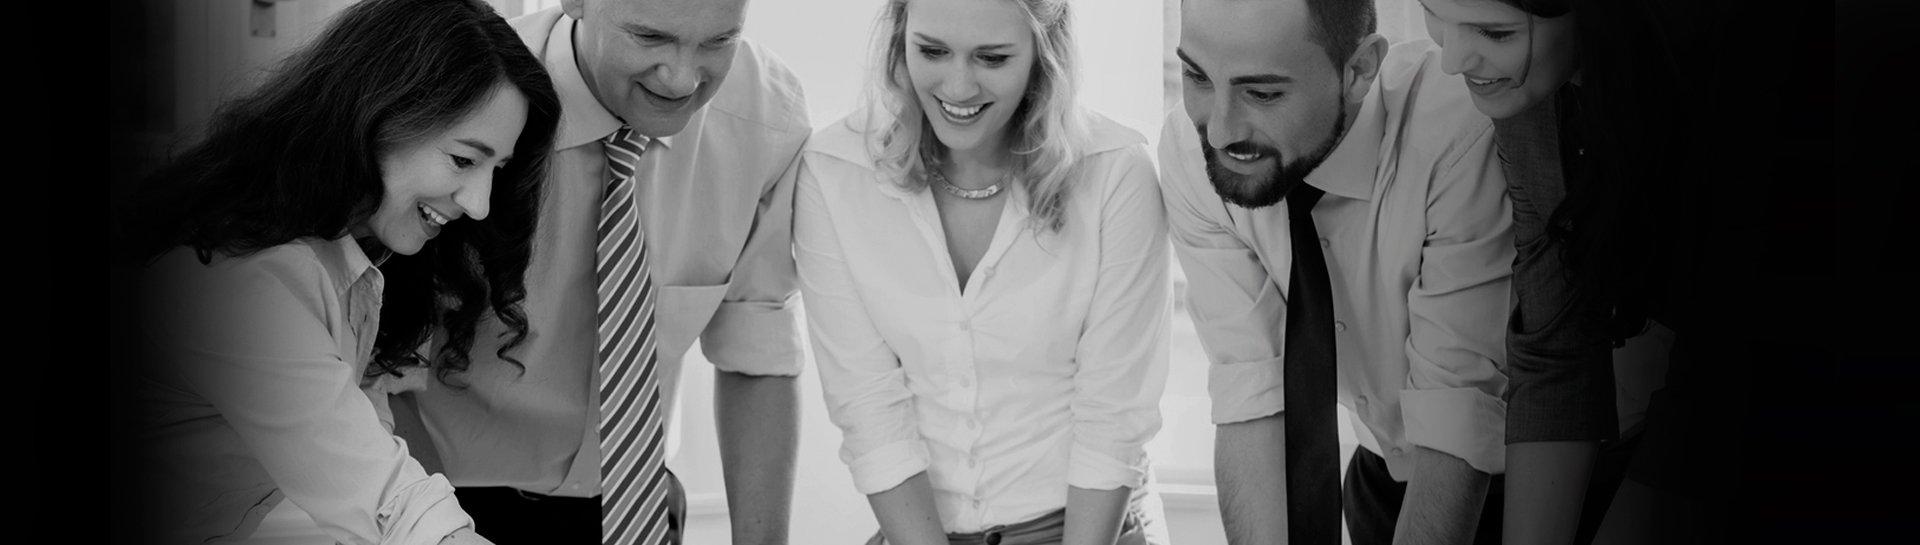 Optimiser votre stratégie et développer votre réseau